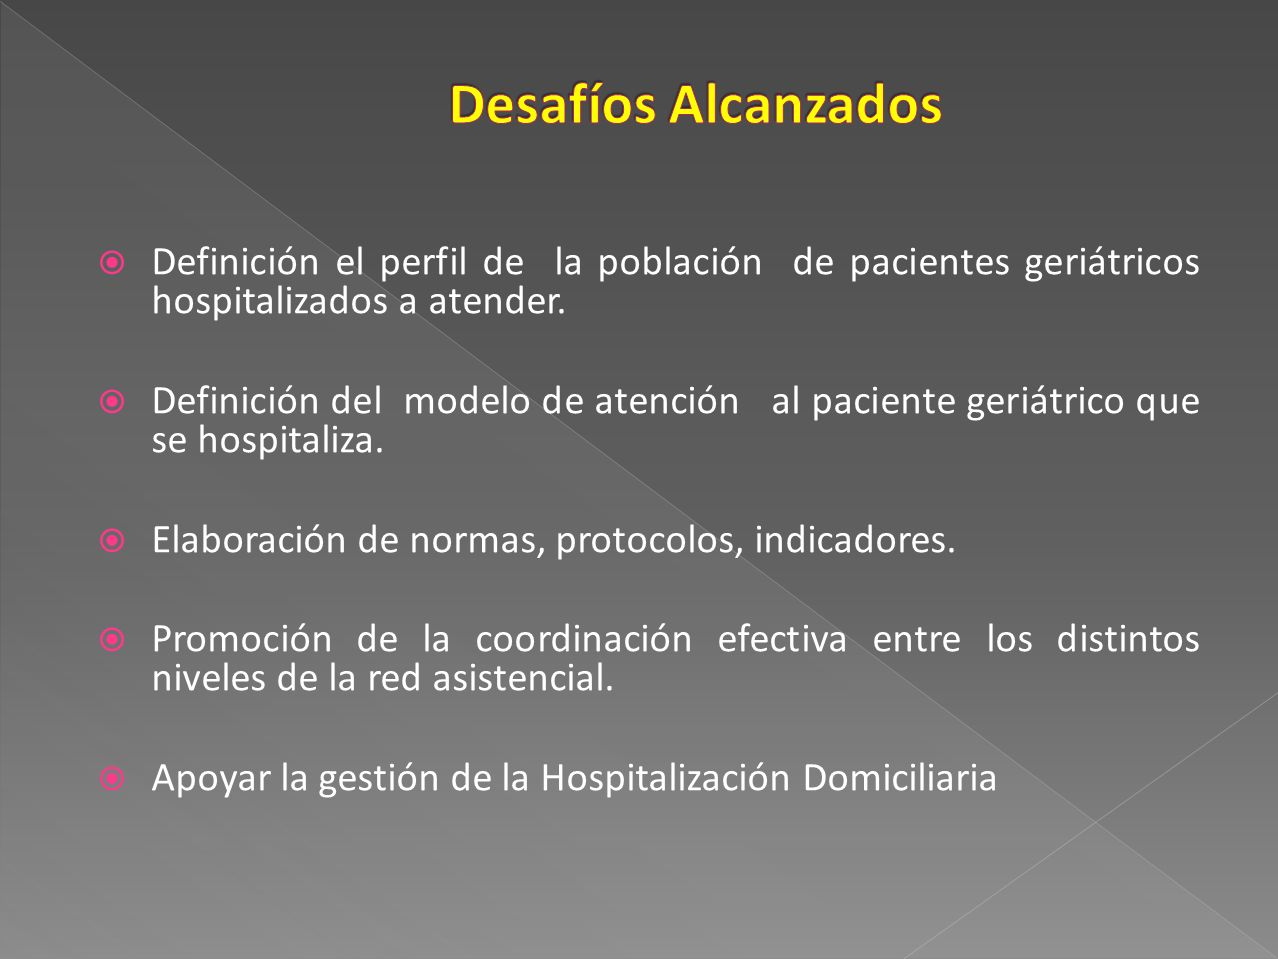 Desafíos Alcanzados Definición el perfil de la población de pacientes geriátricos hospitalizados a atender.